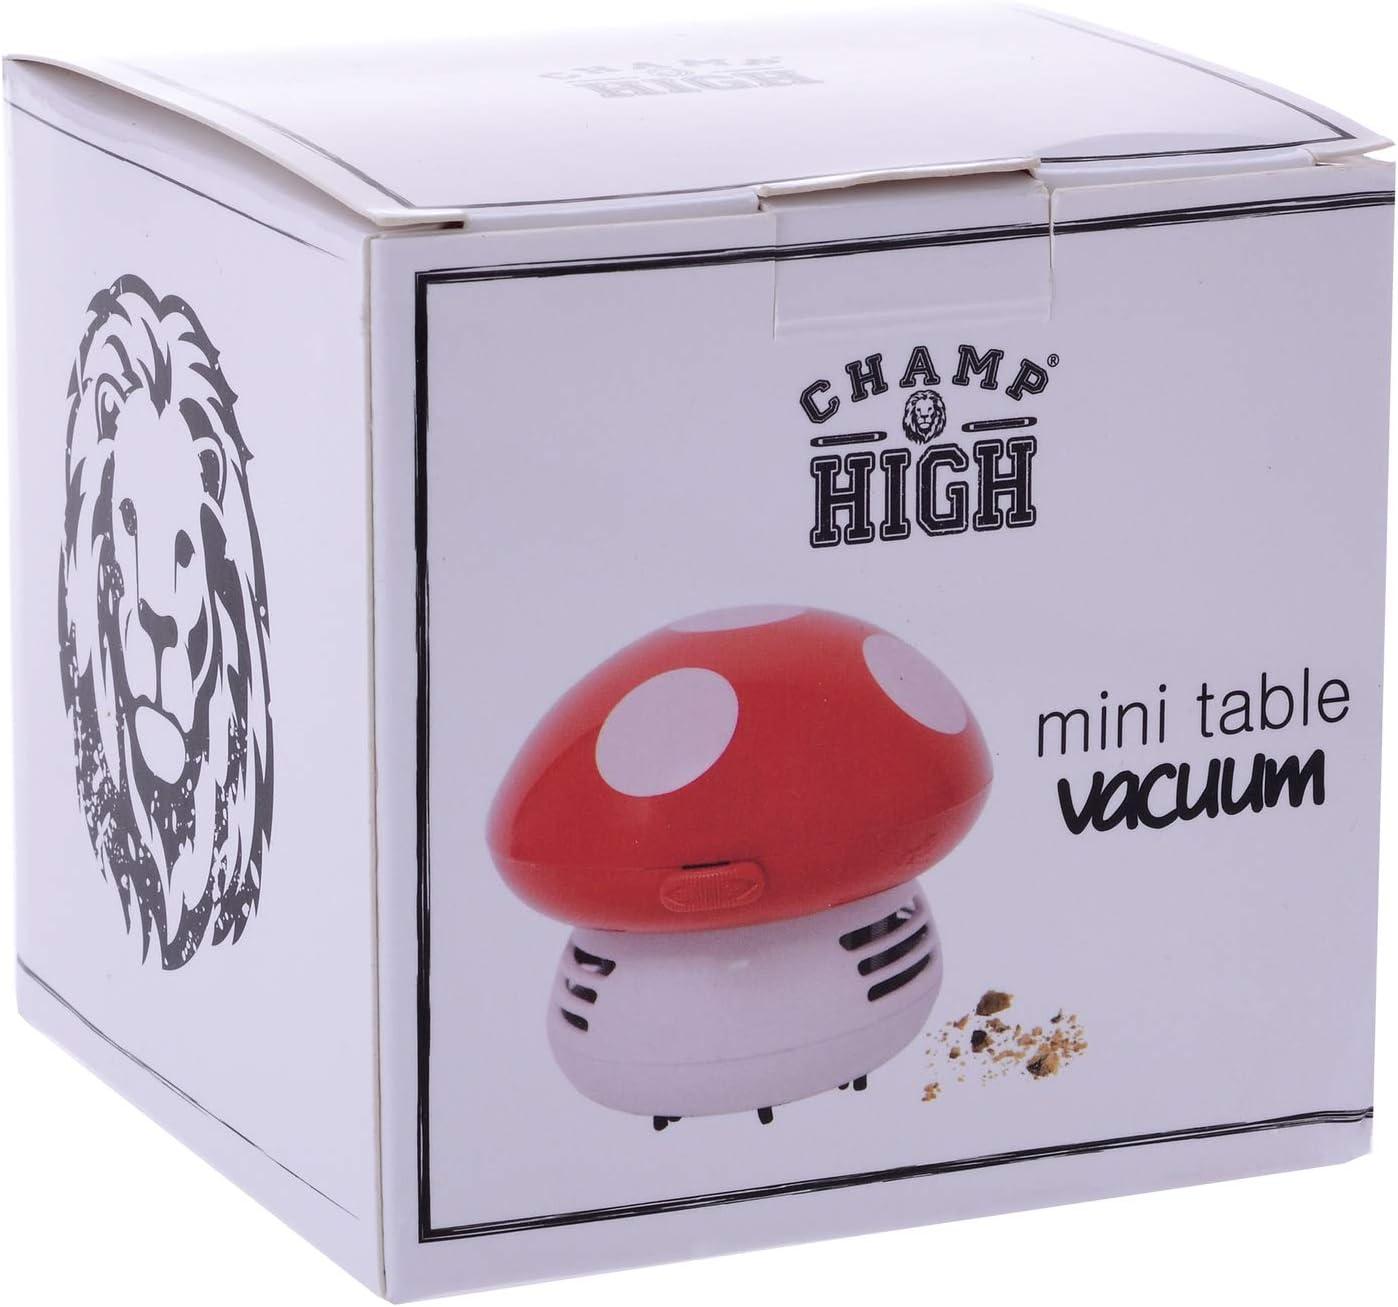 CHAMP HIGH - Mini Aspirador de Mesa Mushroom - Lindo accesorio para limpiar tu mesa - También disponible en púrpura y blanco - Caja de regalo - - Rojo: Amazon.es: Hogar